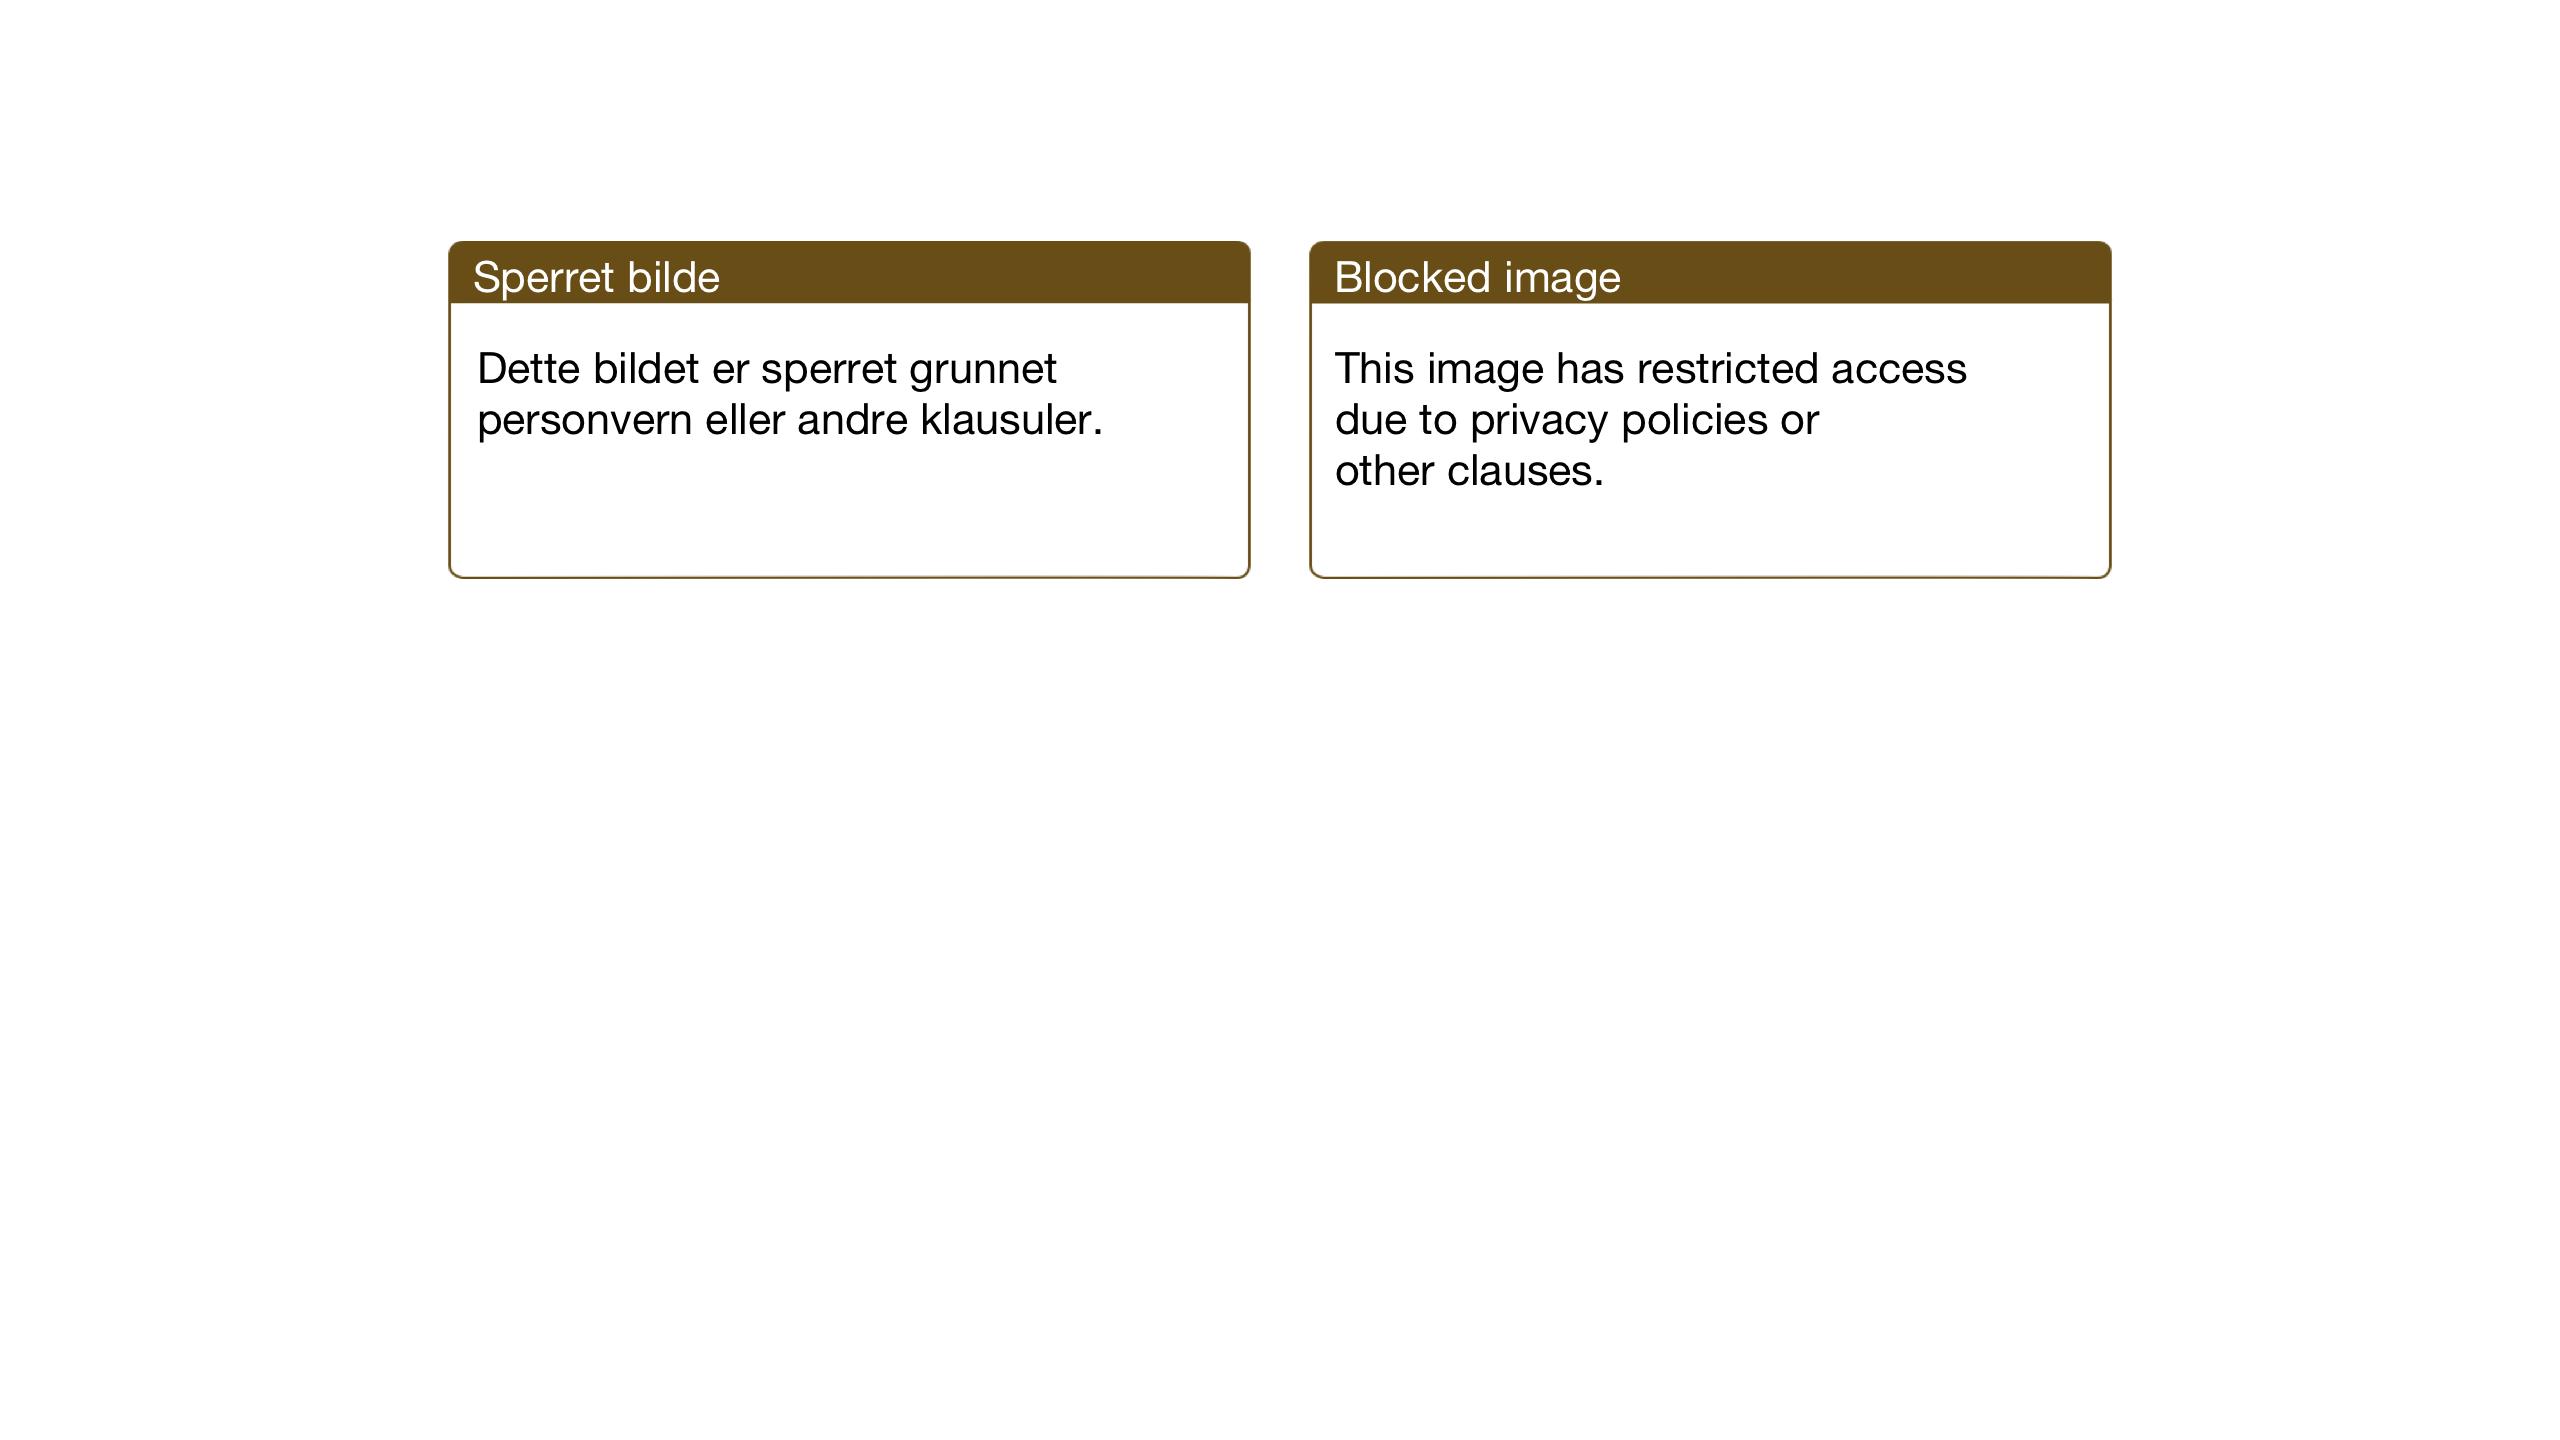 SAT, Ministerialprotokoller, klokkerbøker og fødselsregistre - Nord-Trøndelag, 755/L0500: Klokkerbok nr. 755C01, 1920-1962, s. 110